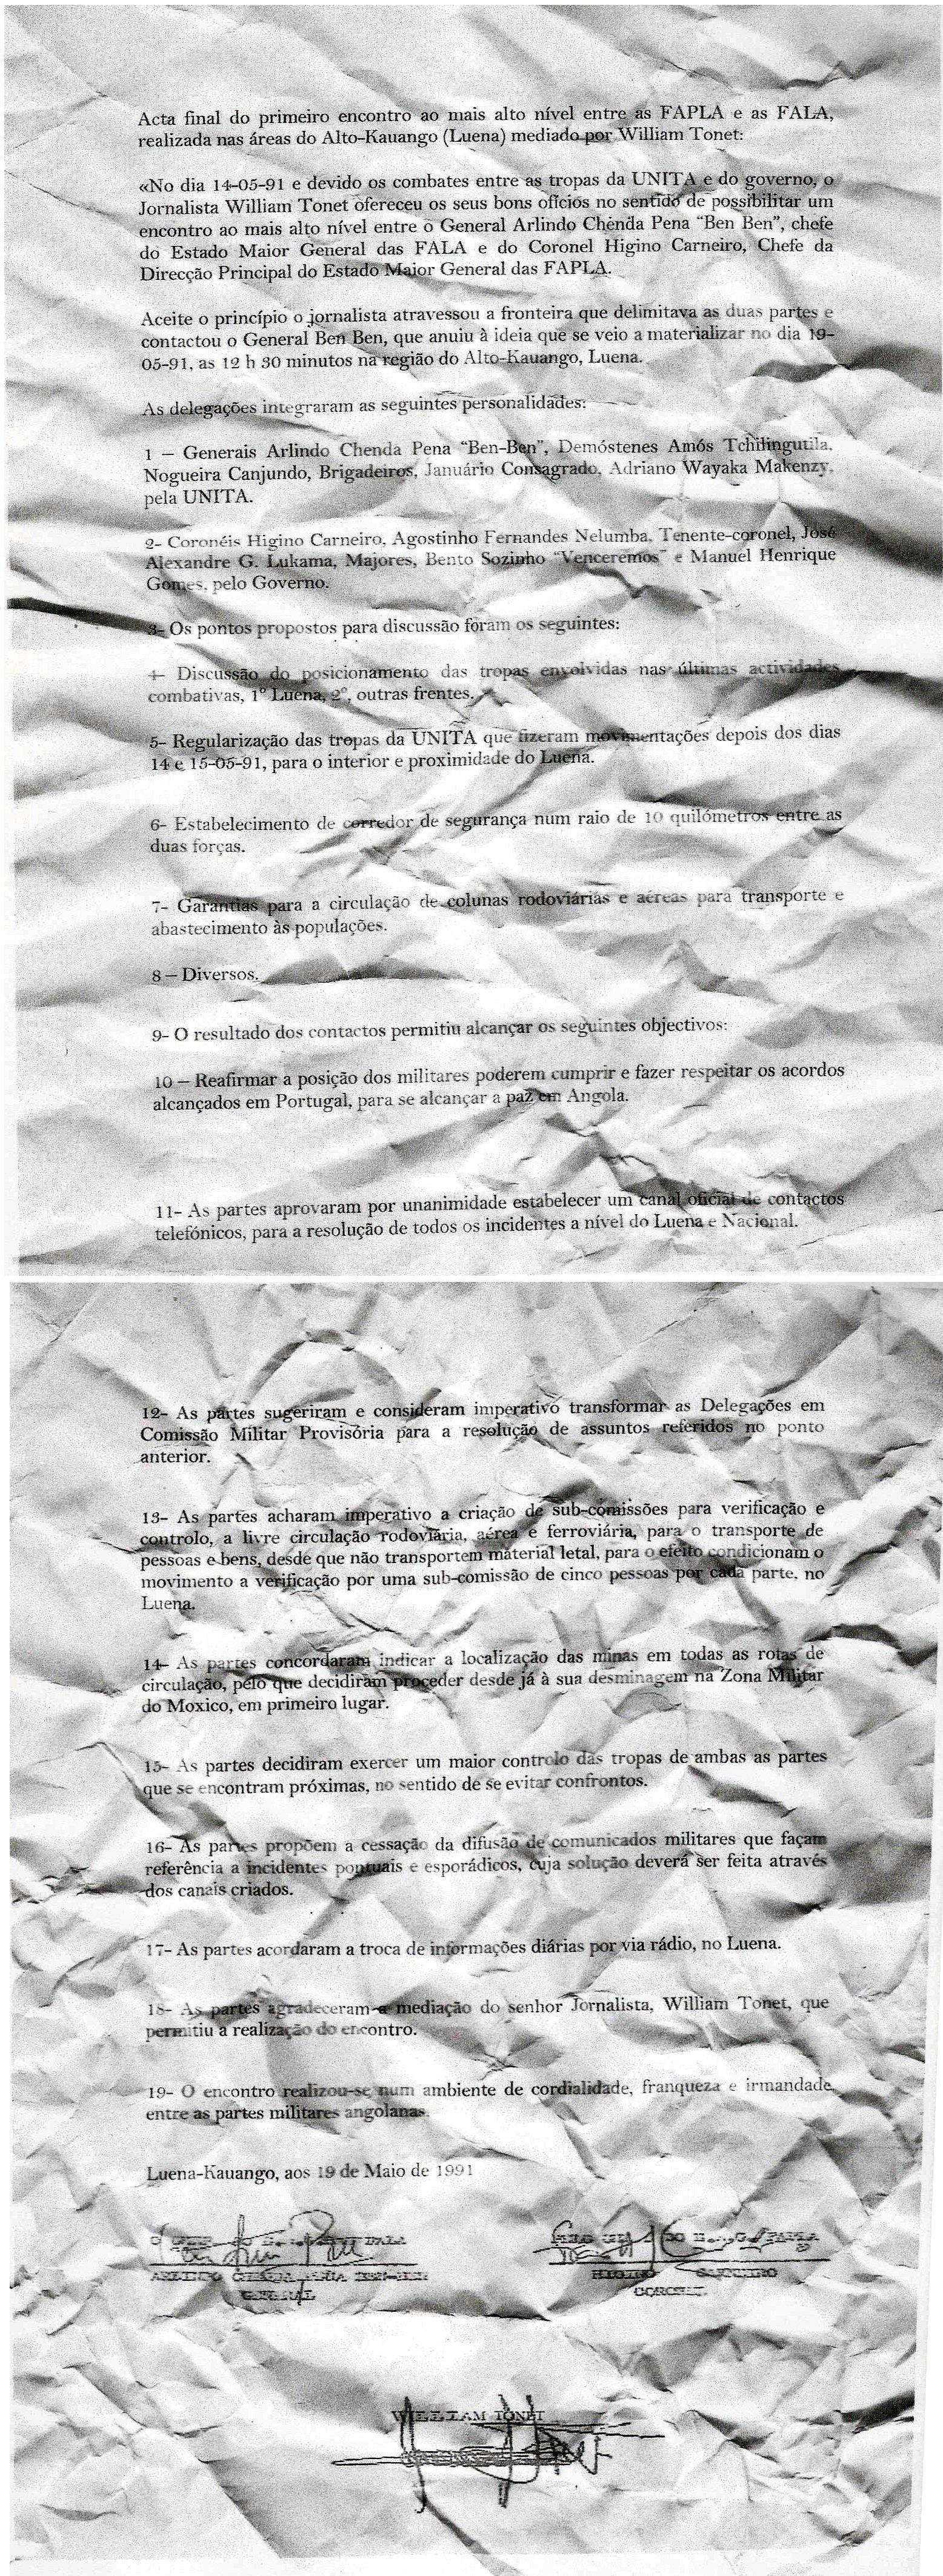 texto original do Acordo de Alto Kauango